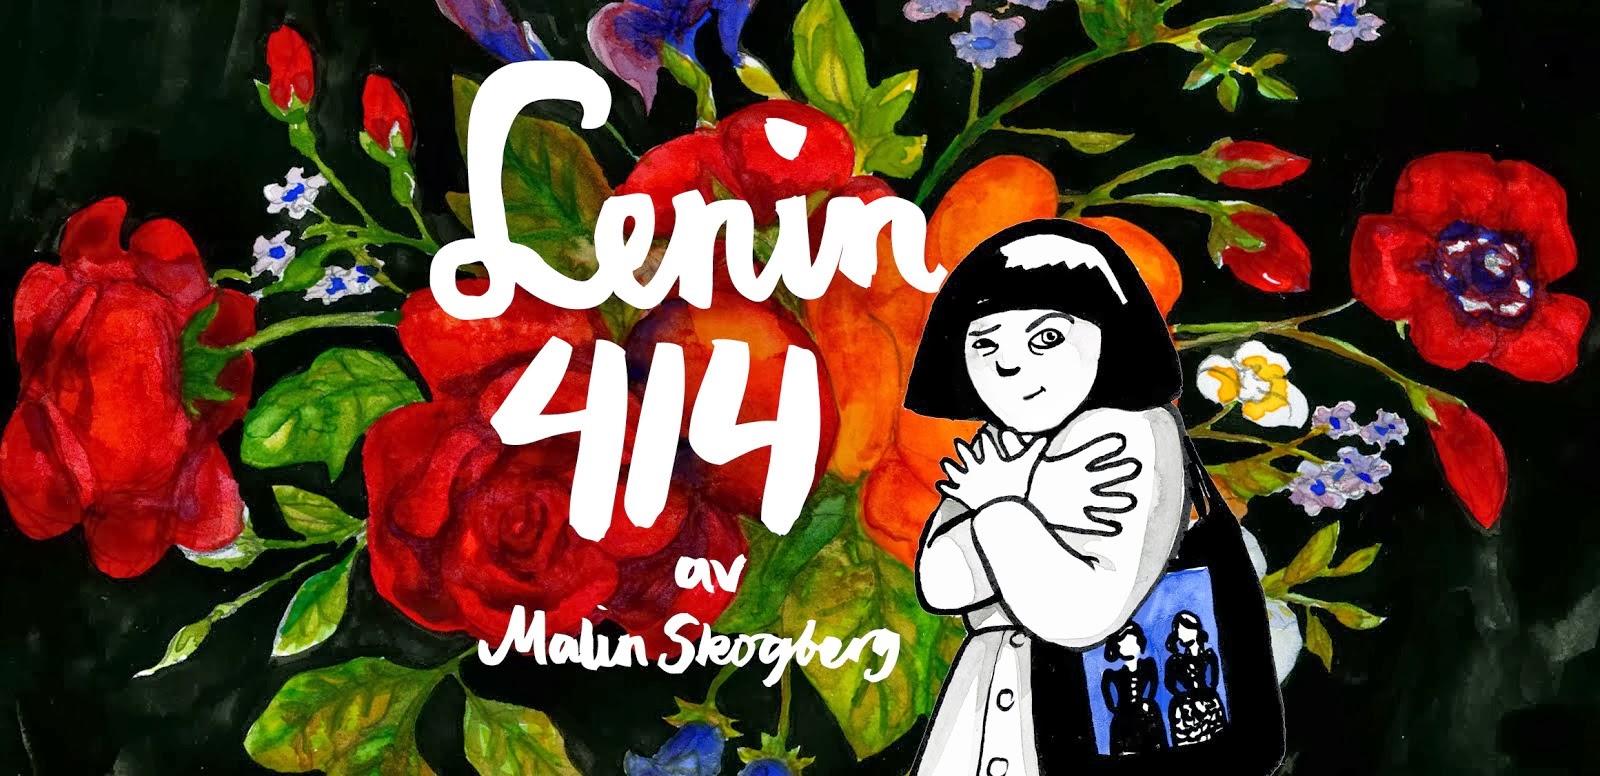 Lenin 414